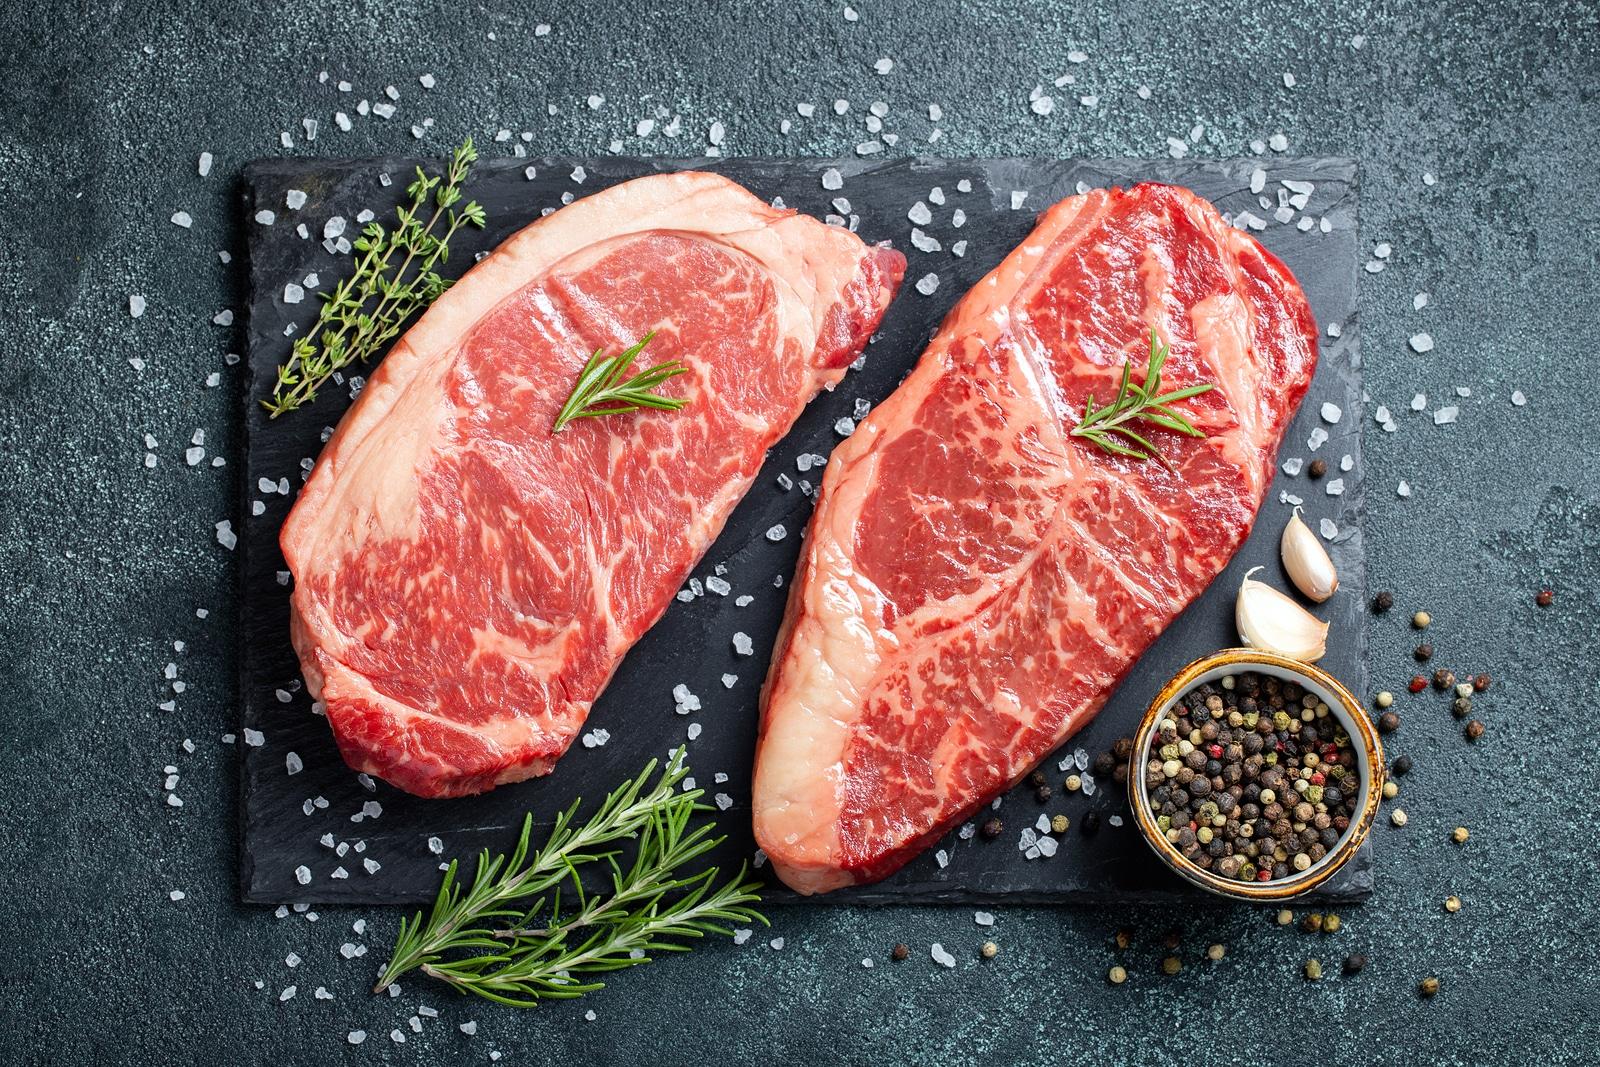 Dieta cu carne. Tot ce trebuie să ştii despre dieta carnivoră | DCNews